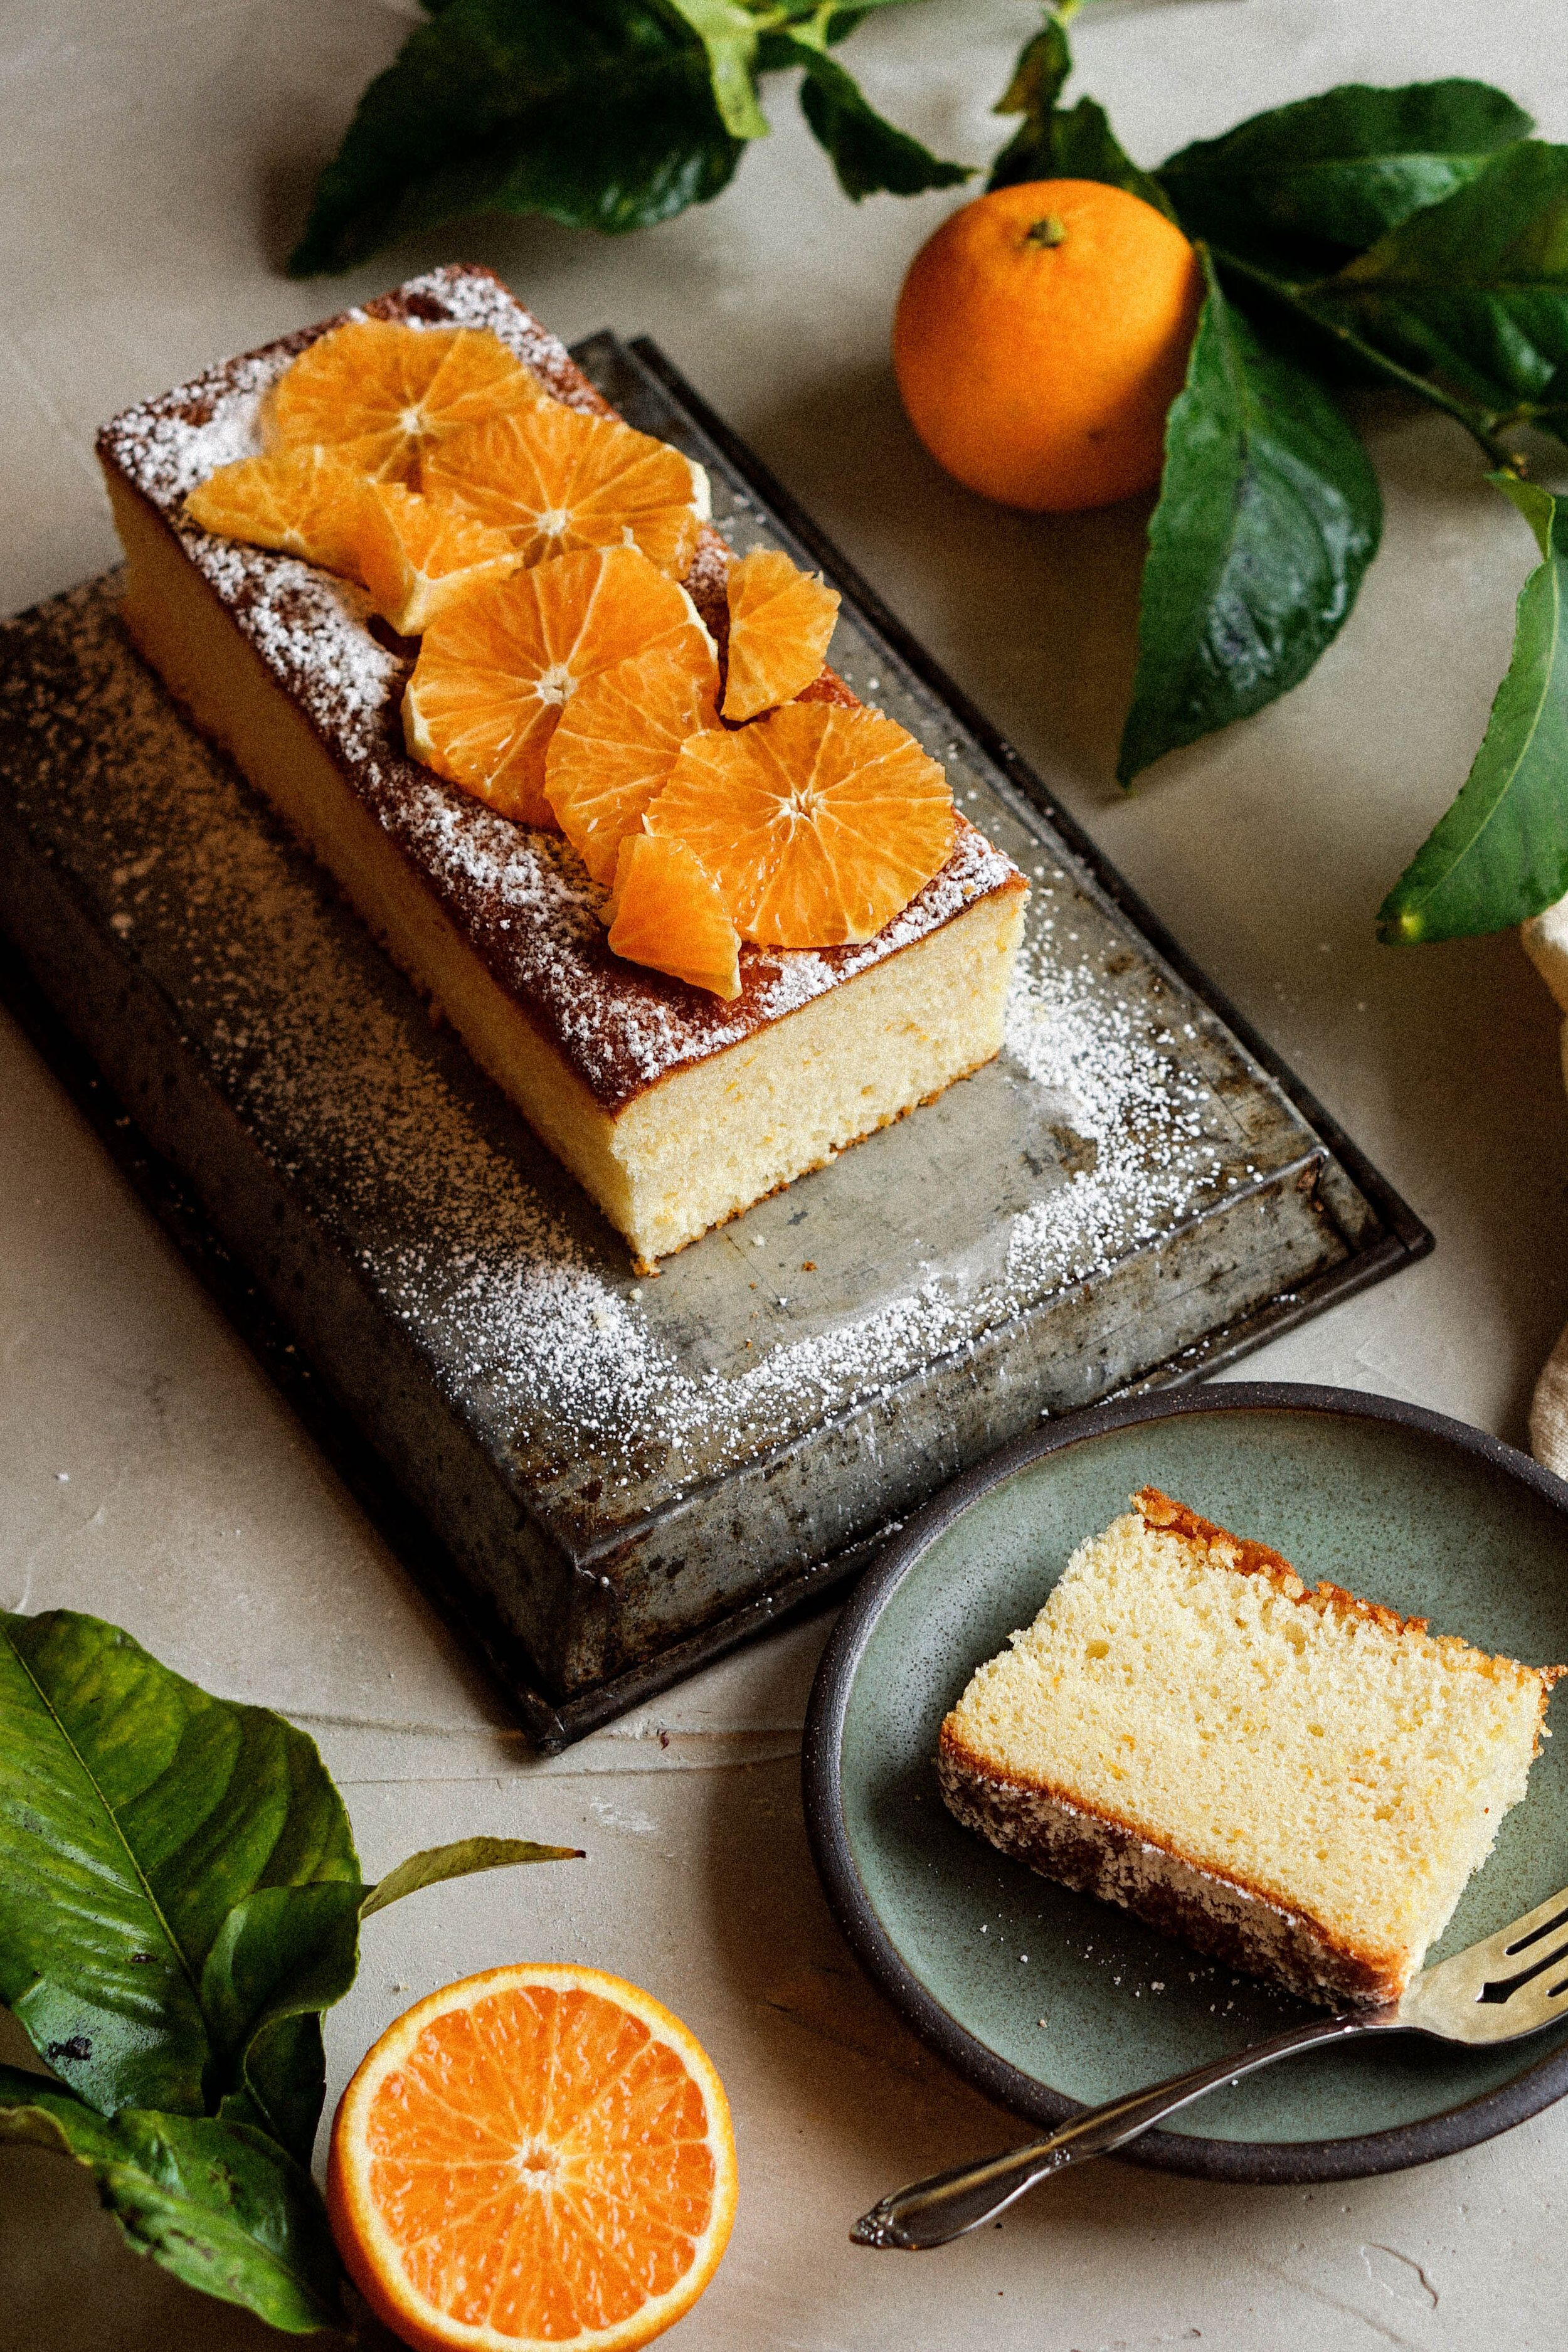 4e8de75e07746f6bbb1b98f68a3ebbc1 - Mandarin Cake Recipe Better Homes And Gardens